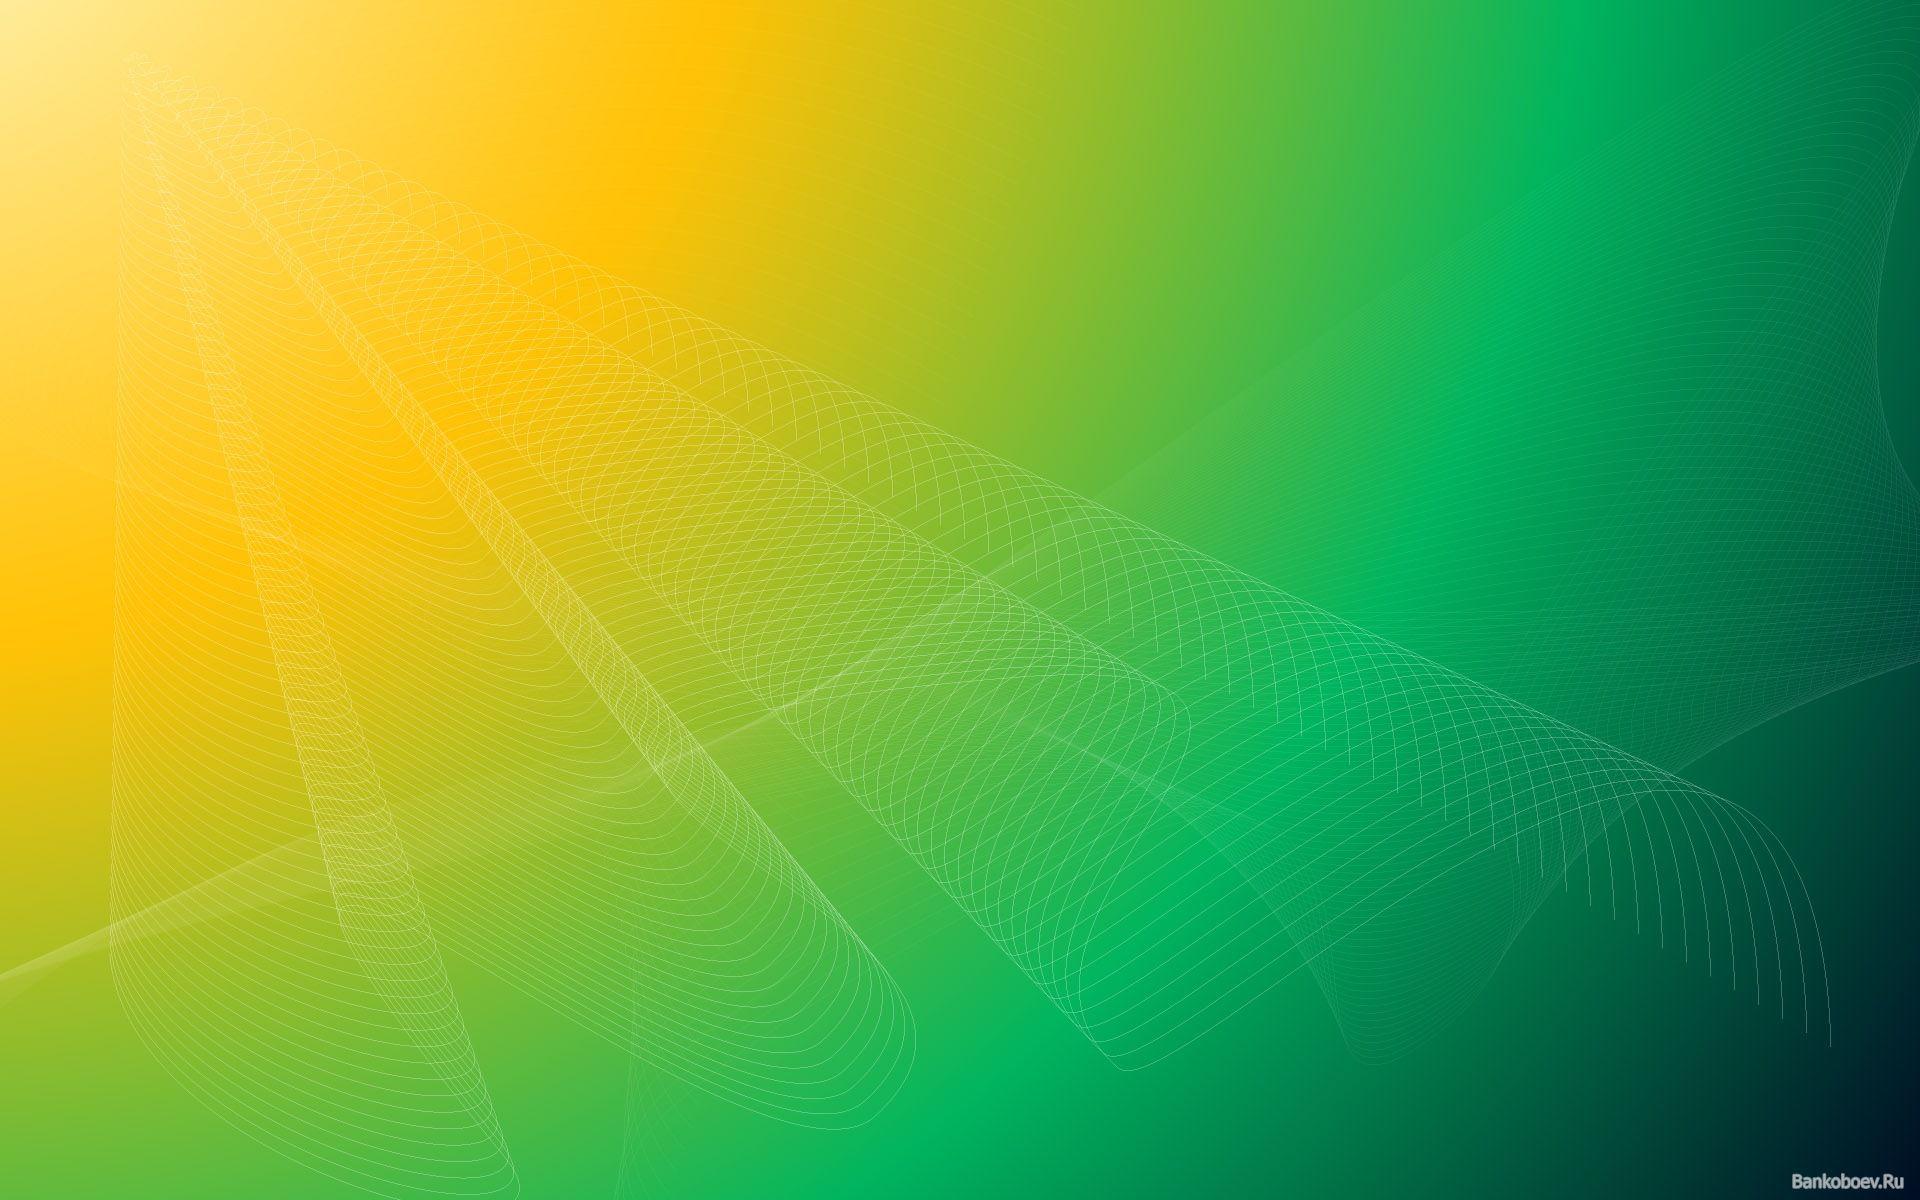 Bankoboev.Ru_abstraktnyi_zhelto_zelenyi_gradient.jpg 1920×1200 pixels